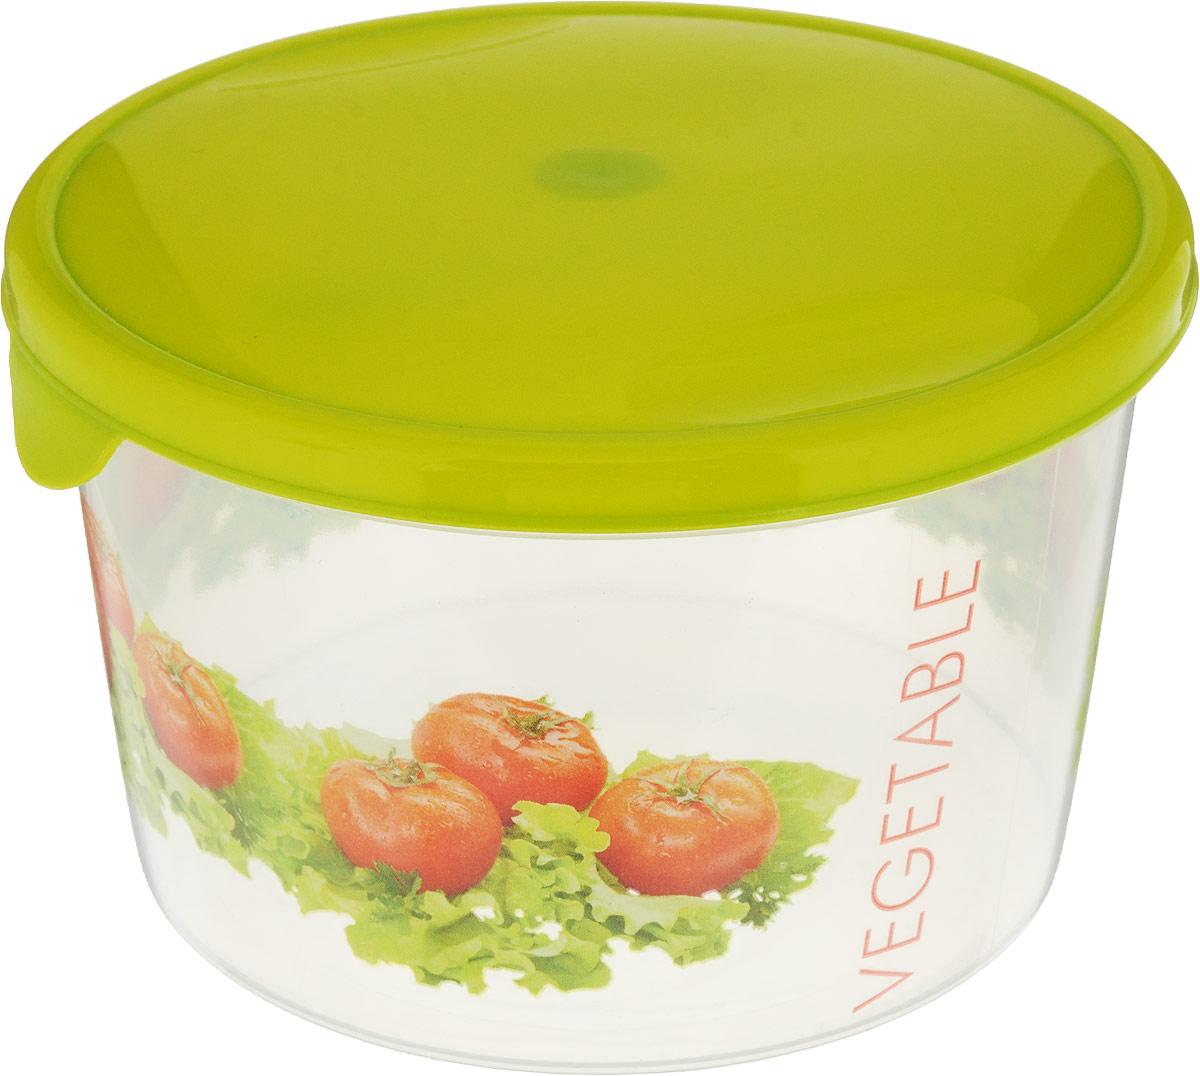 Емкость для продуктов Giaretti Браво, цвет: салатовый, прозрачный, 750 мл. GR1067GR1067_салатовыйЕмкость для продуктов Giaretti Браво изготовлена из пищевого полипропилена. Крышка плотно закрывается, дольше сохраняя продукты свежими. Боковые стенки прозрачные, что позволяет видеть содержимое.Емкость идеально подходит для хранения пищи, фруктов, ягод, овощей.Такая емкость пригодится в любом хозяйстве.